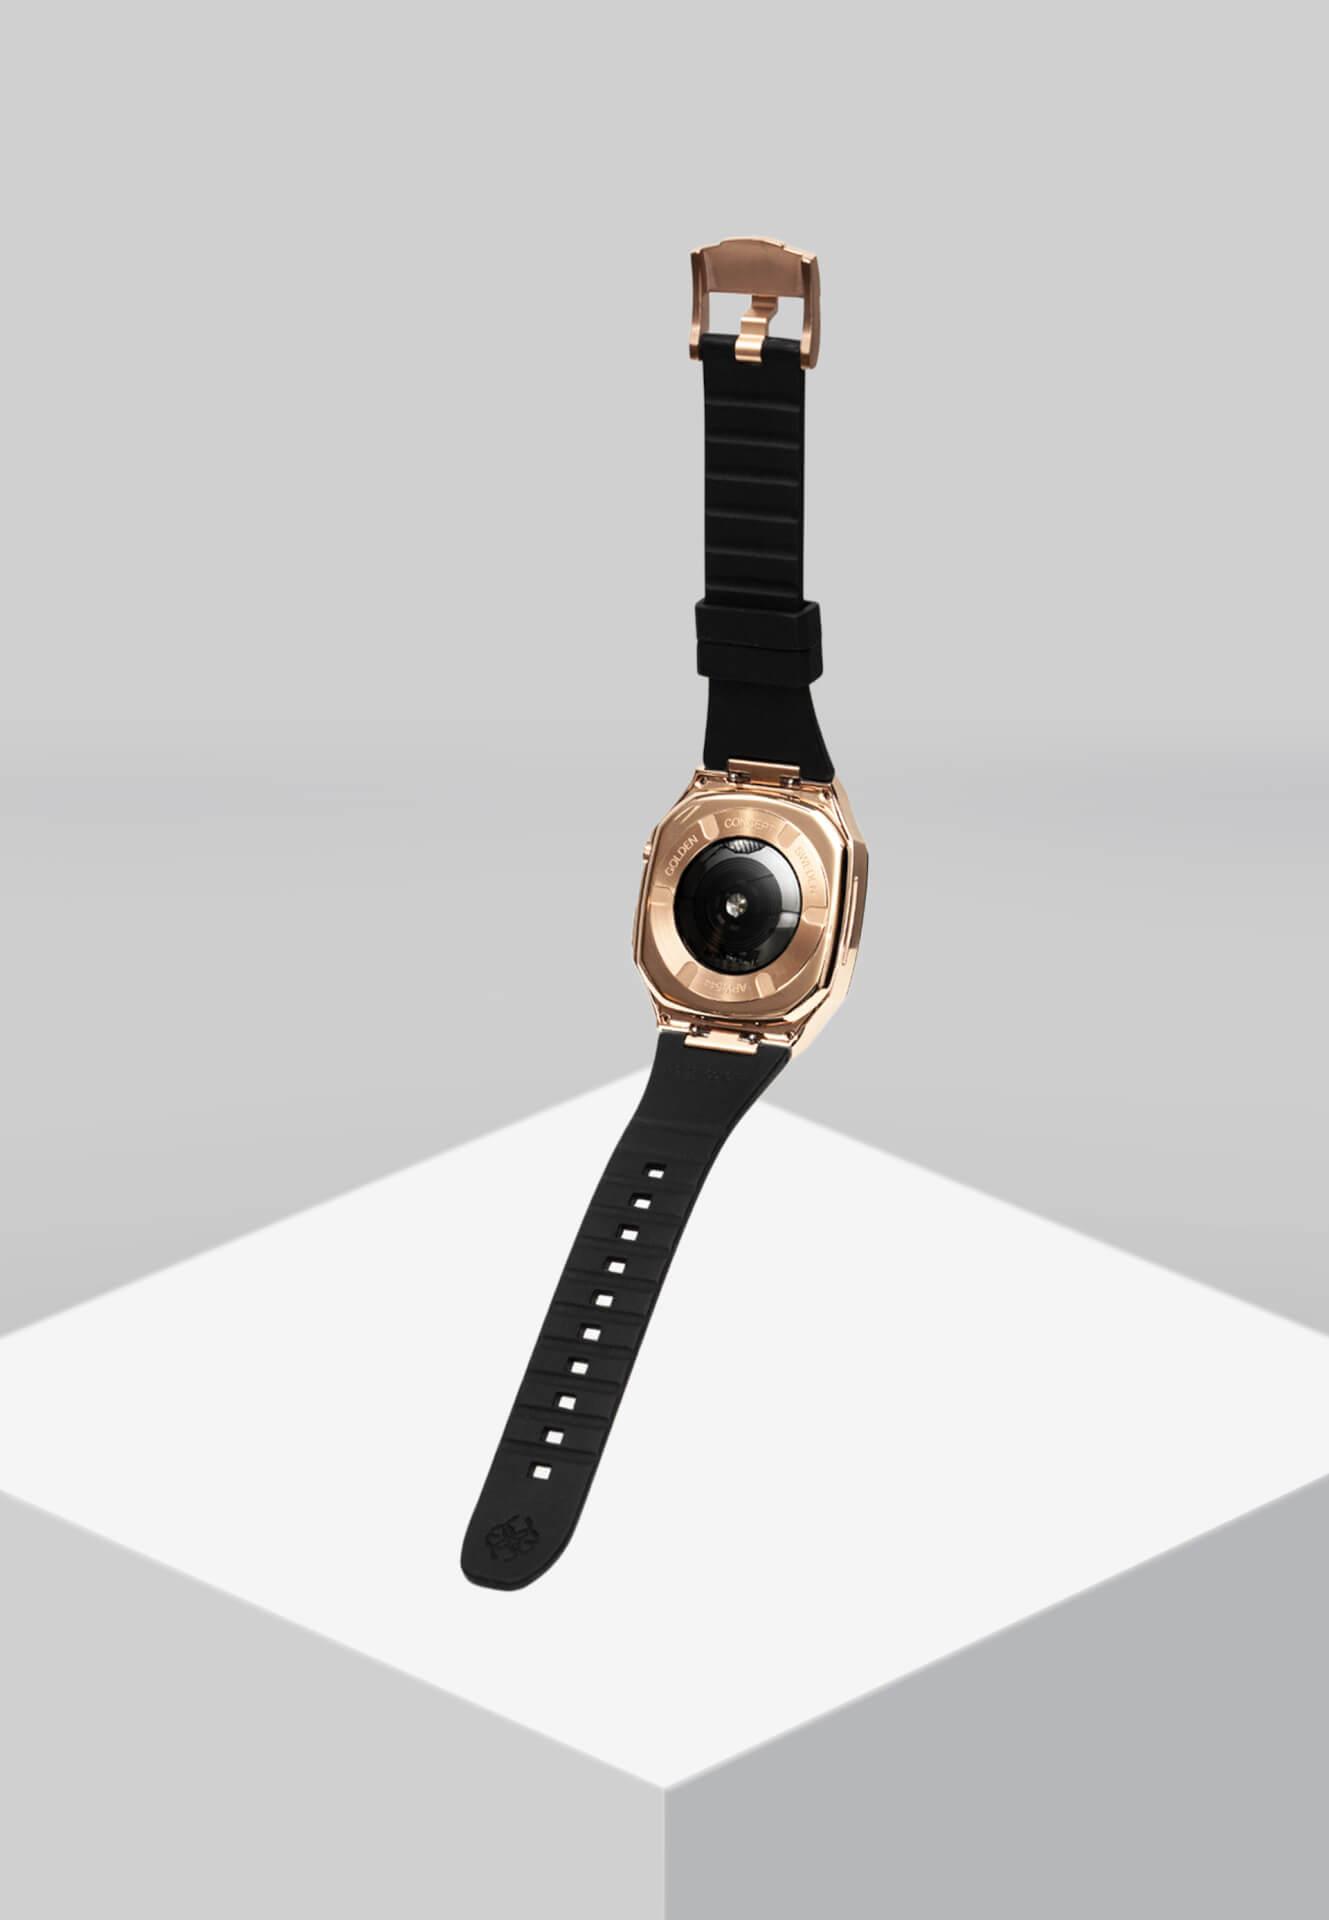 高級感漂うGOLDEN CONCEPTのApple Watchケースに待望の40mm用新コレクションが登場!ホワイト、イエローなどの新カラーがラインナップ tech201124_applewatch_case_13